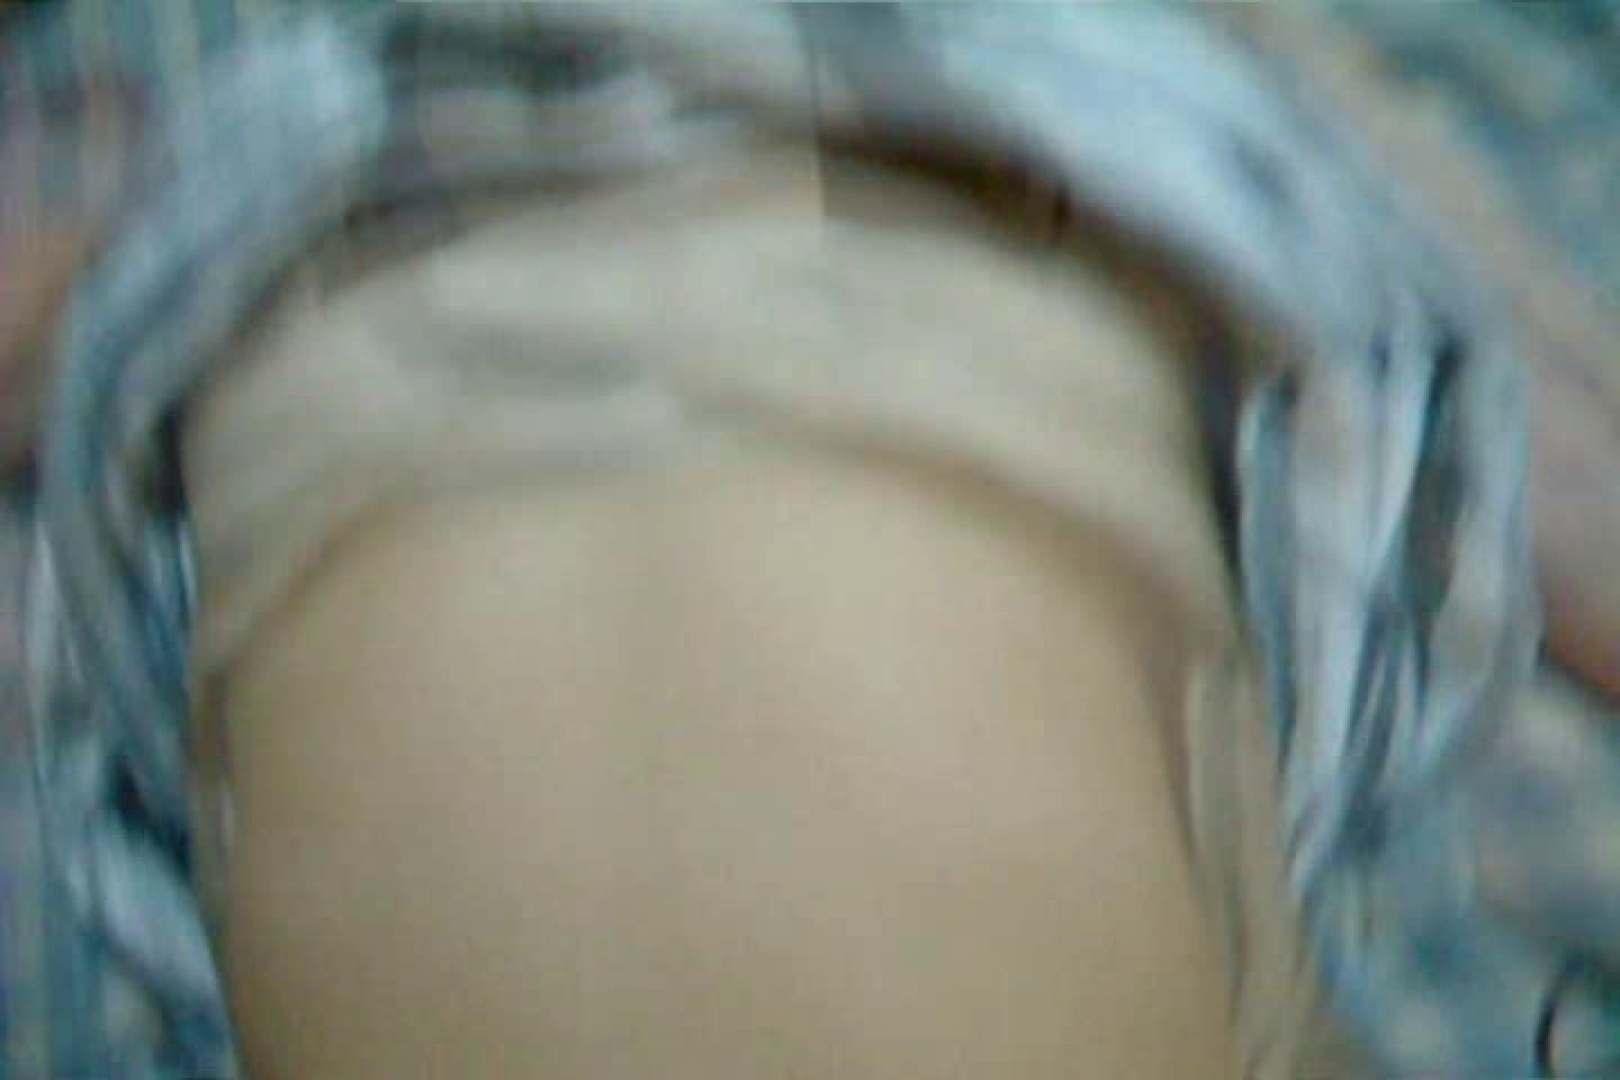 ウイルス流出 鹿児島県庁職員 中瀬瀬久成の流出ビデオ 流出作品 | 0  101画像 3